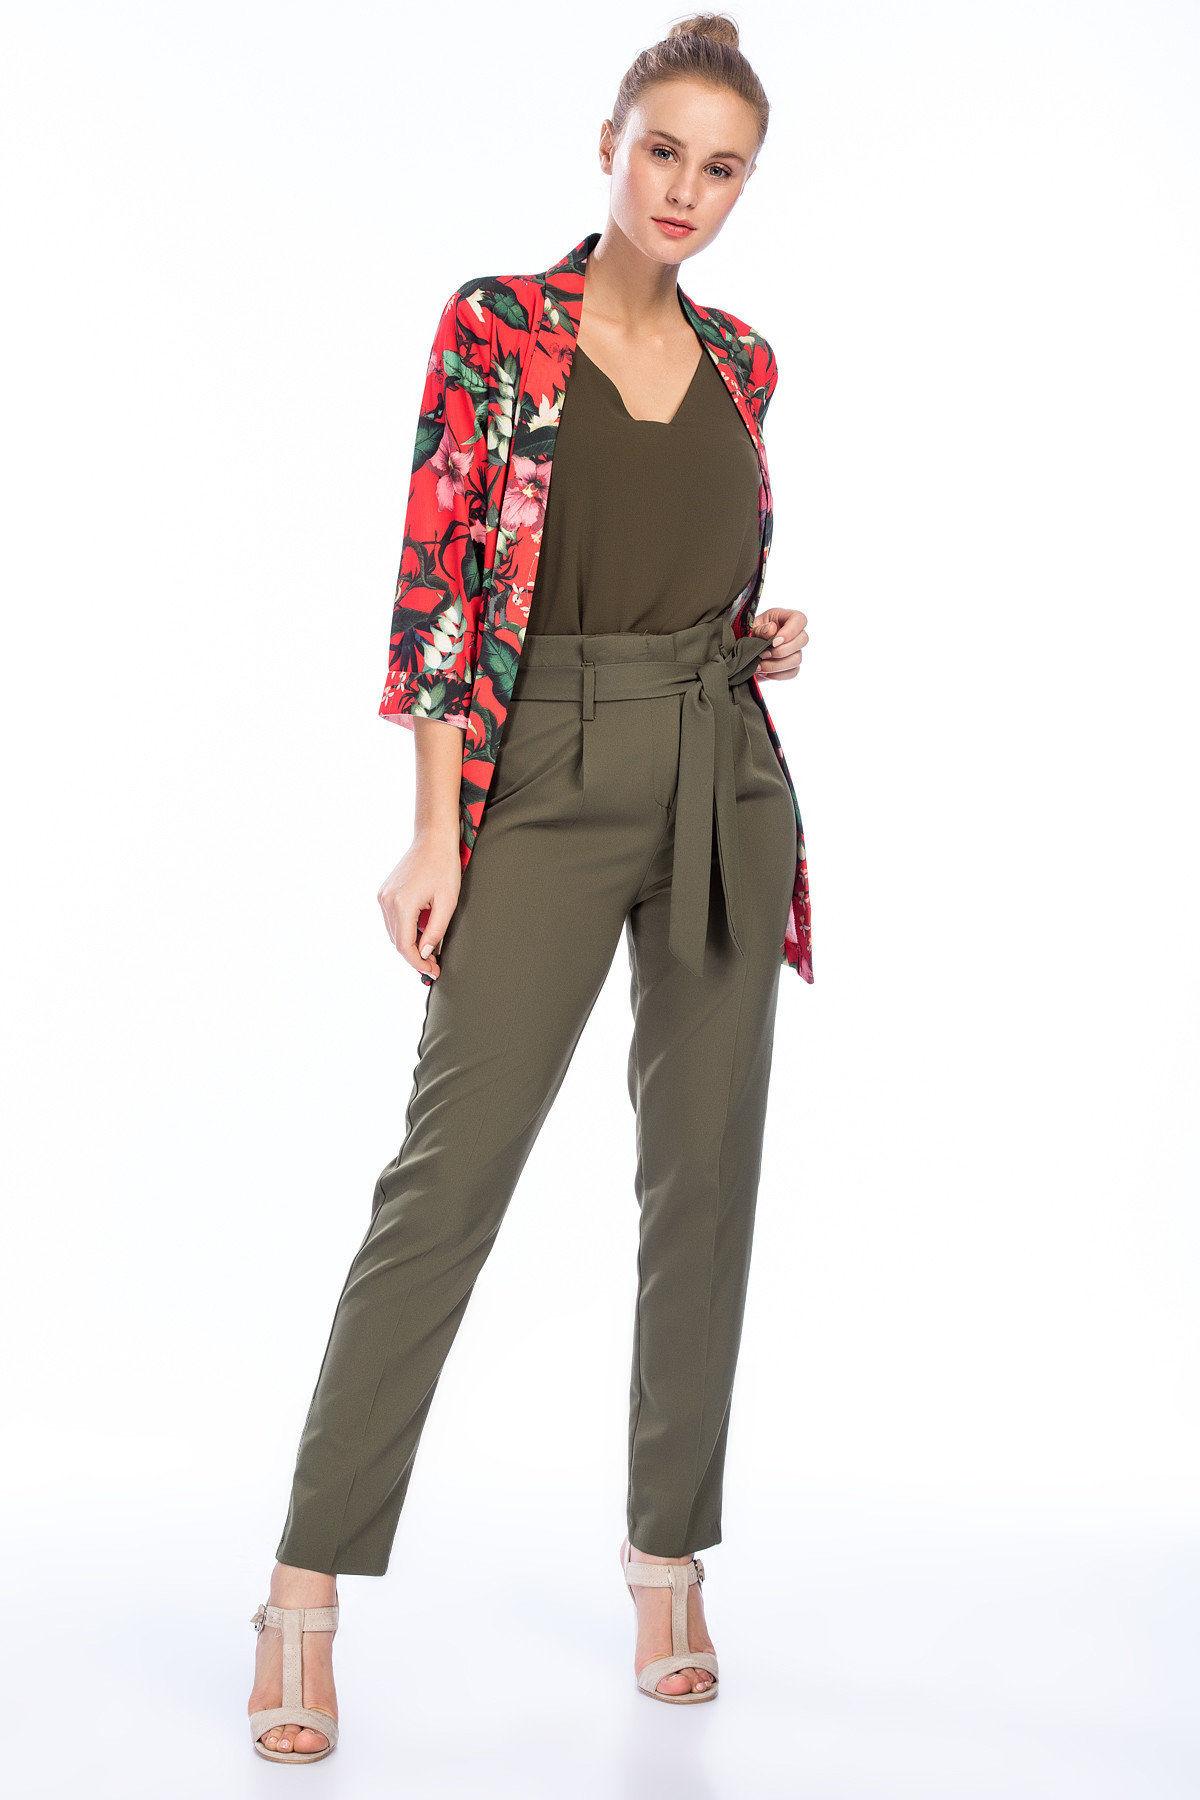 2019 Bayan Kombinleri Haki Beli Kumaş Bağcıklı Pantolon Haki Bluz Kırmızı Desenli Ceket